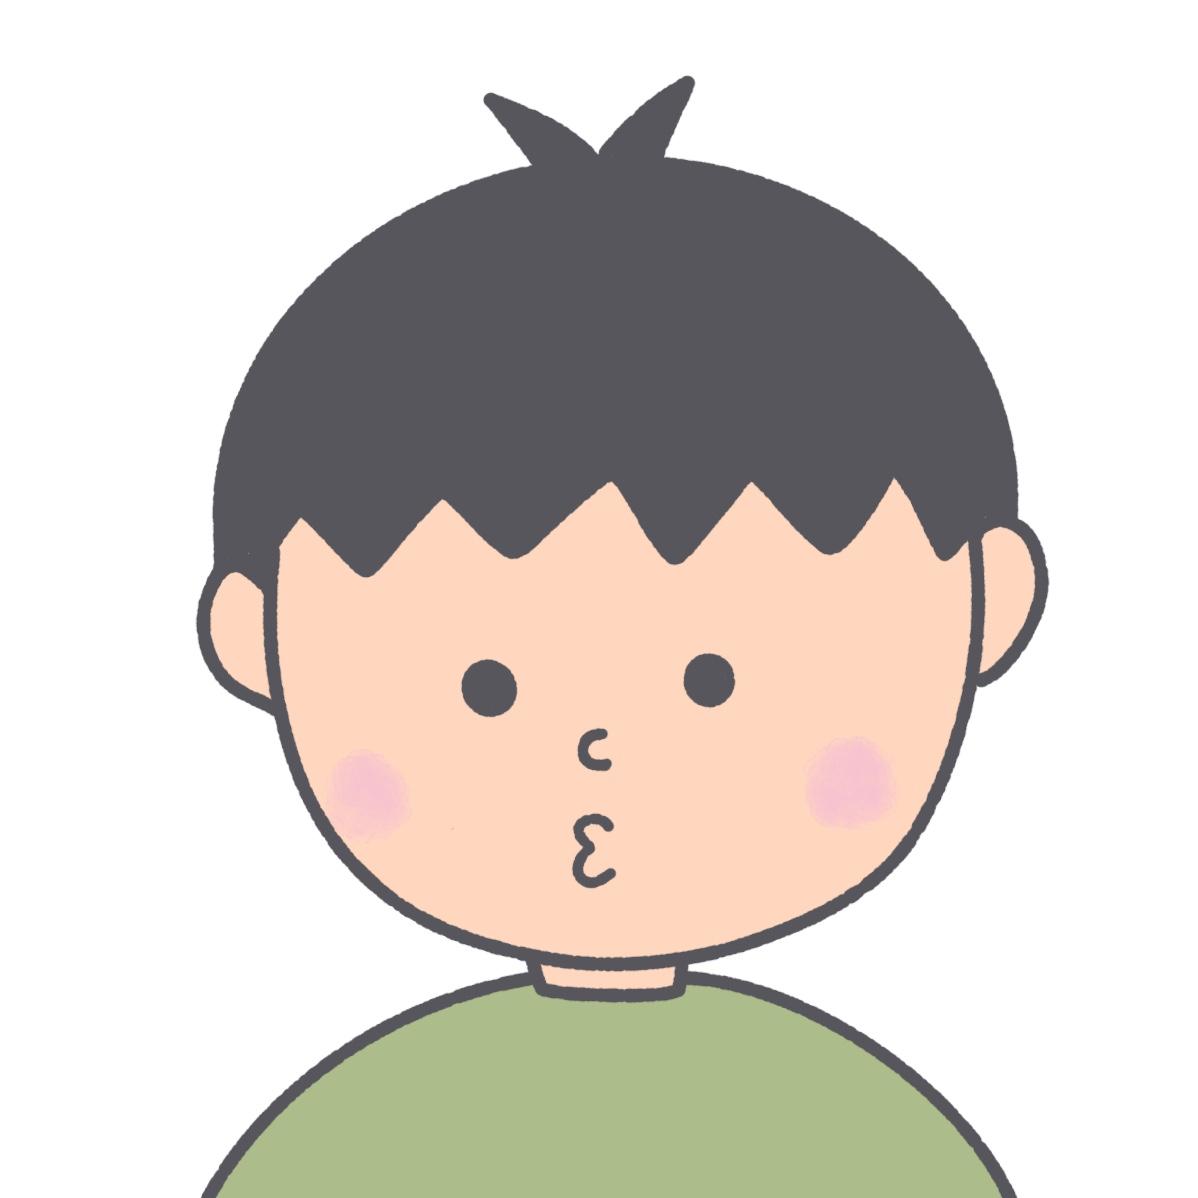 ぴょん太郎